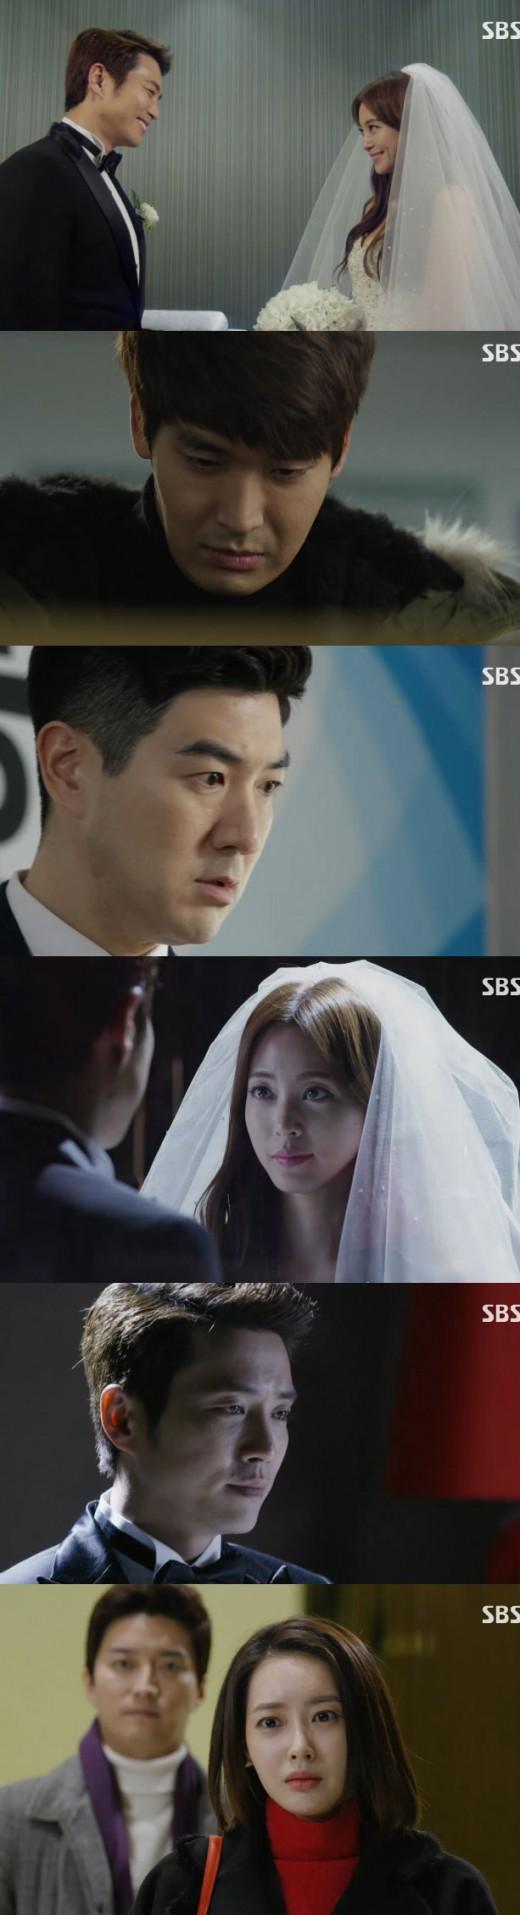 ['미녀의 탄생' 종영①] 아쉬운 용두사미 결말, 케미는 남았다